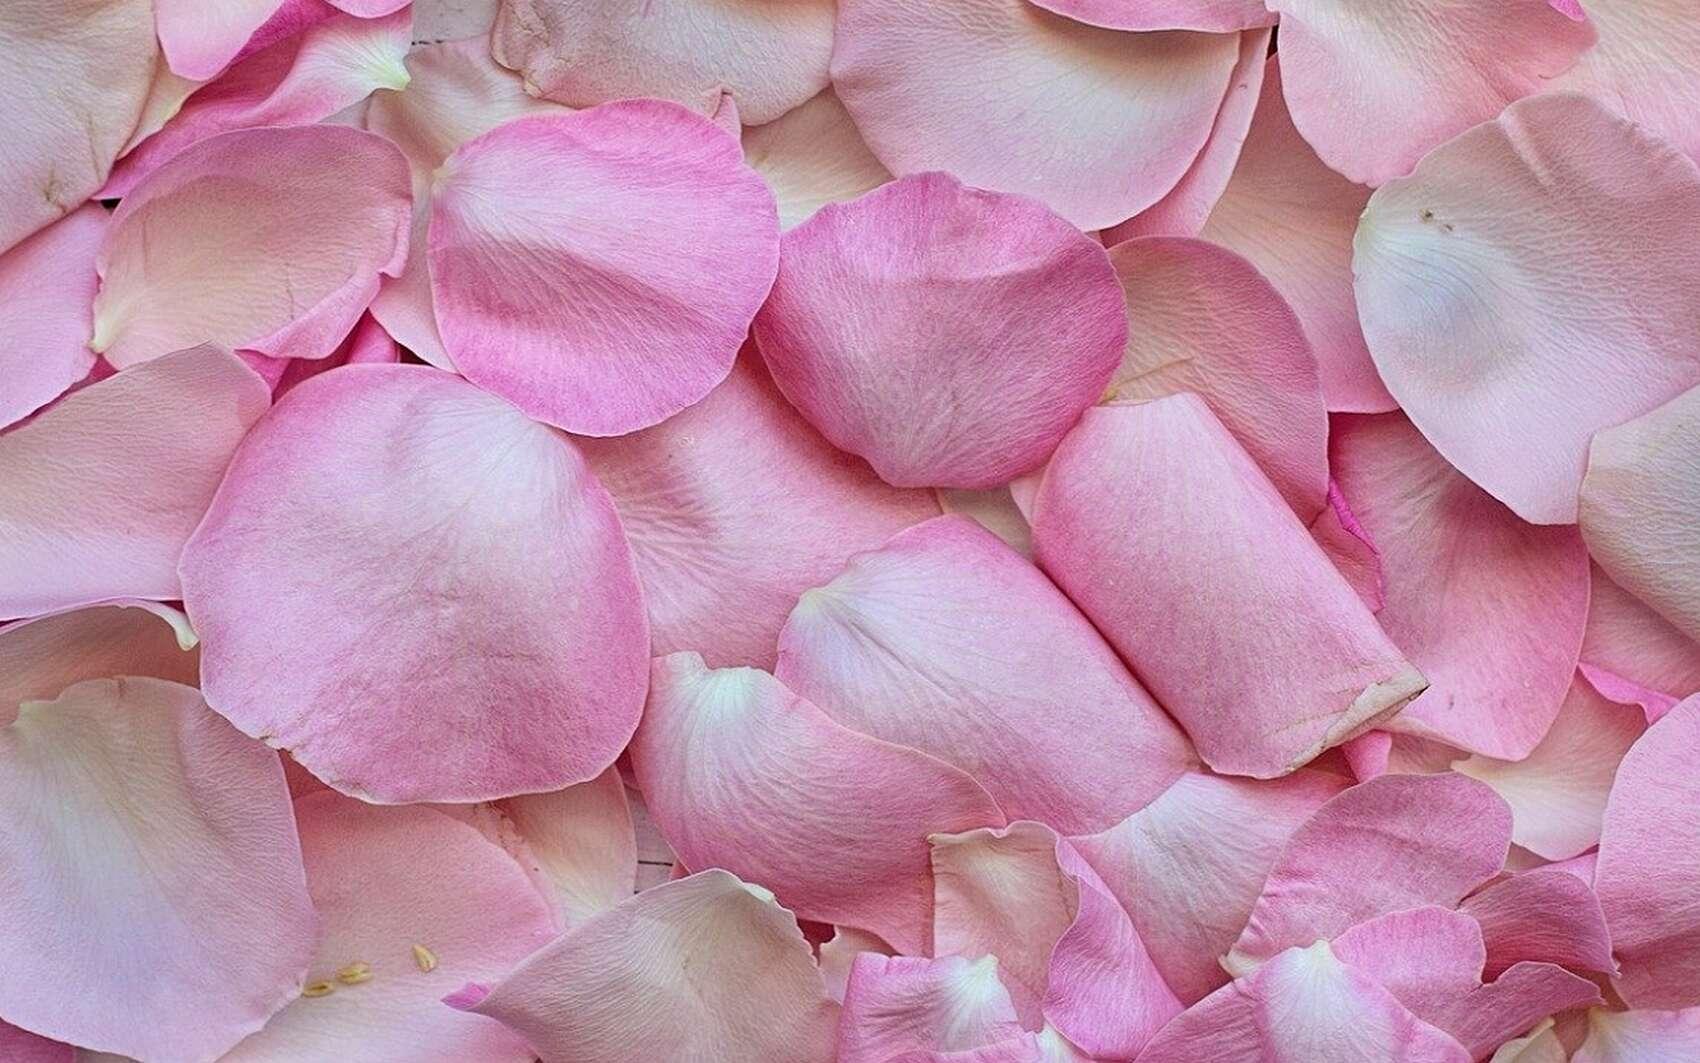 D'où vient l'hydrolat de rose et quelles sont ses vertus ? © JillWellington, Pixabay